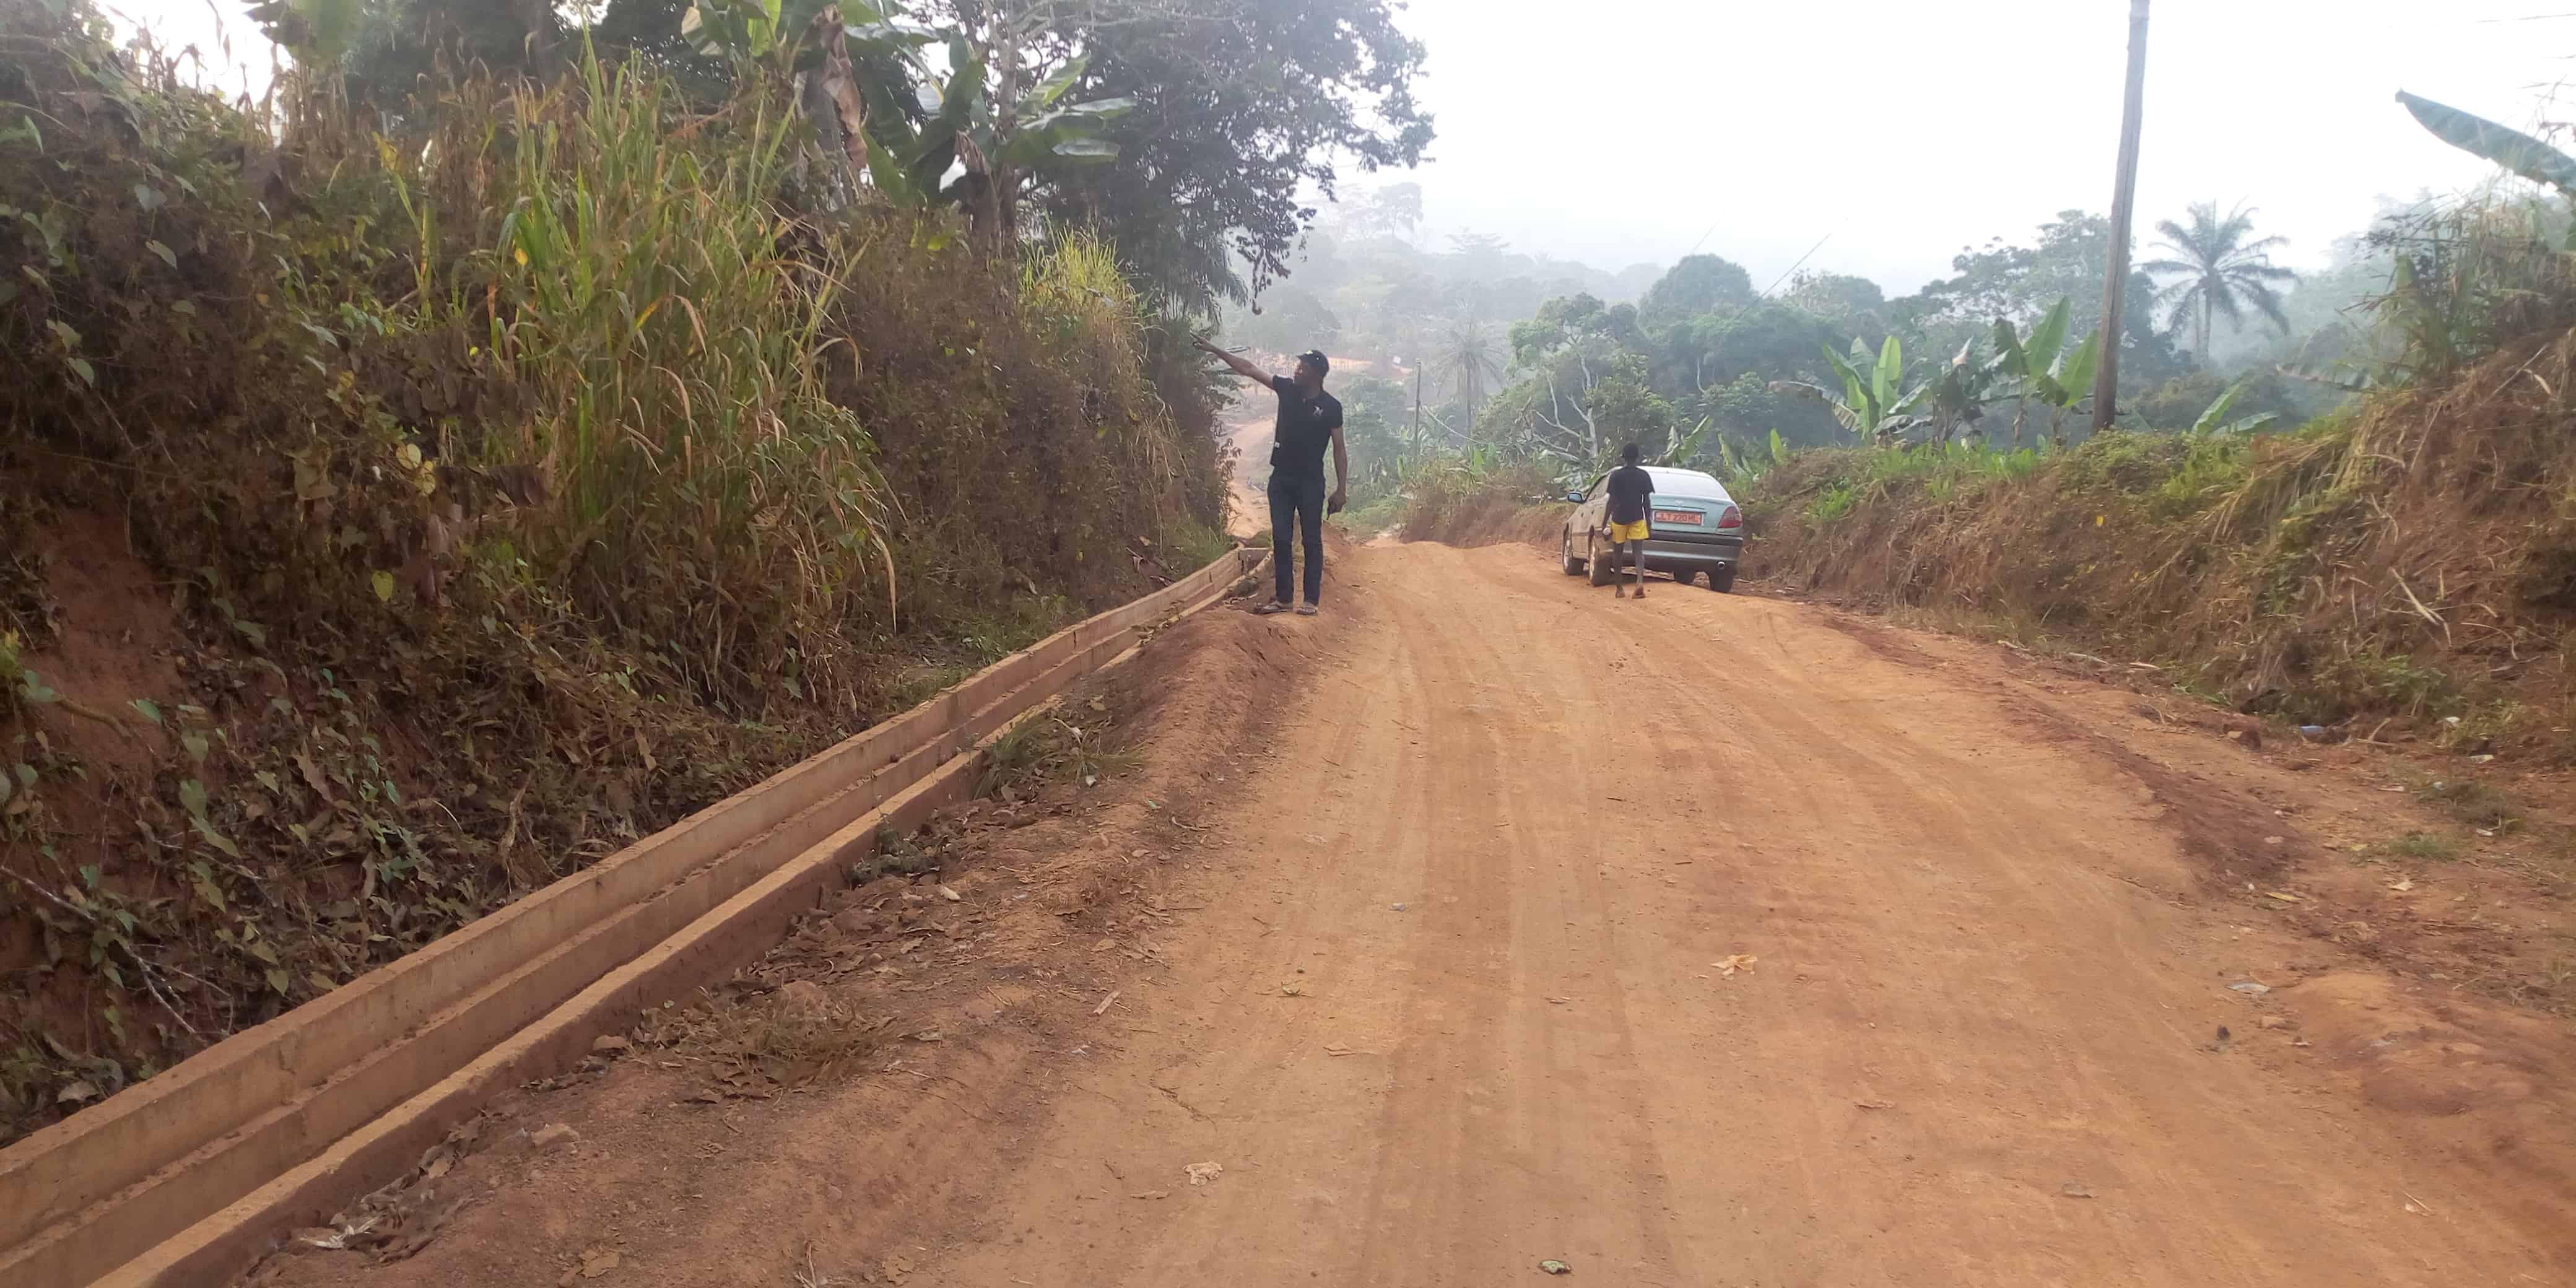 Land for sale at Yaoundé, Fébé-Village, 1 hectares à vendre à Yaoundé Febe village - 10000 m2 - 100 000 001 FCFA